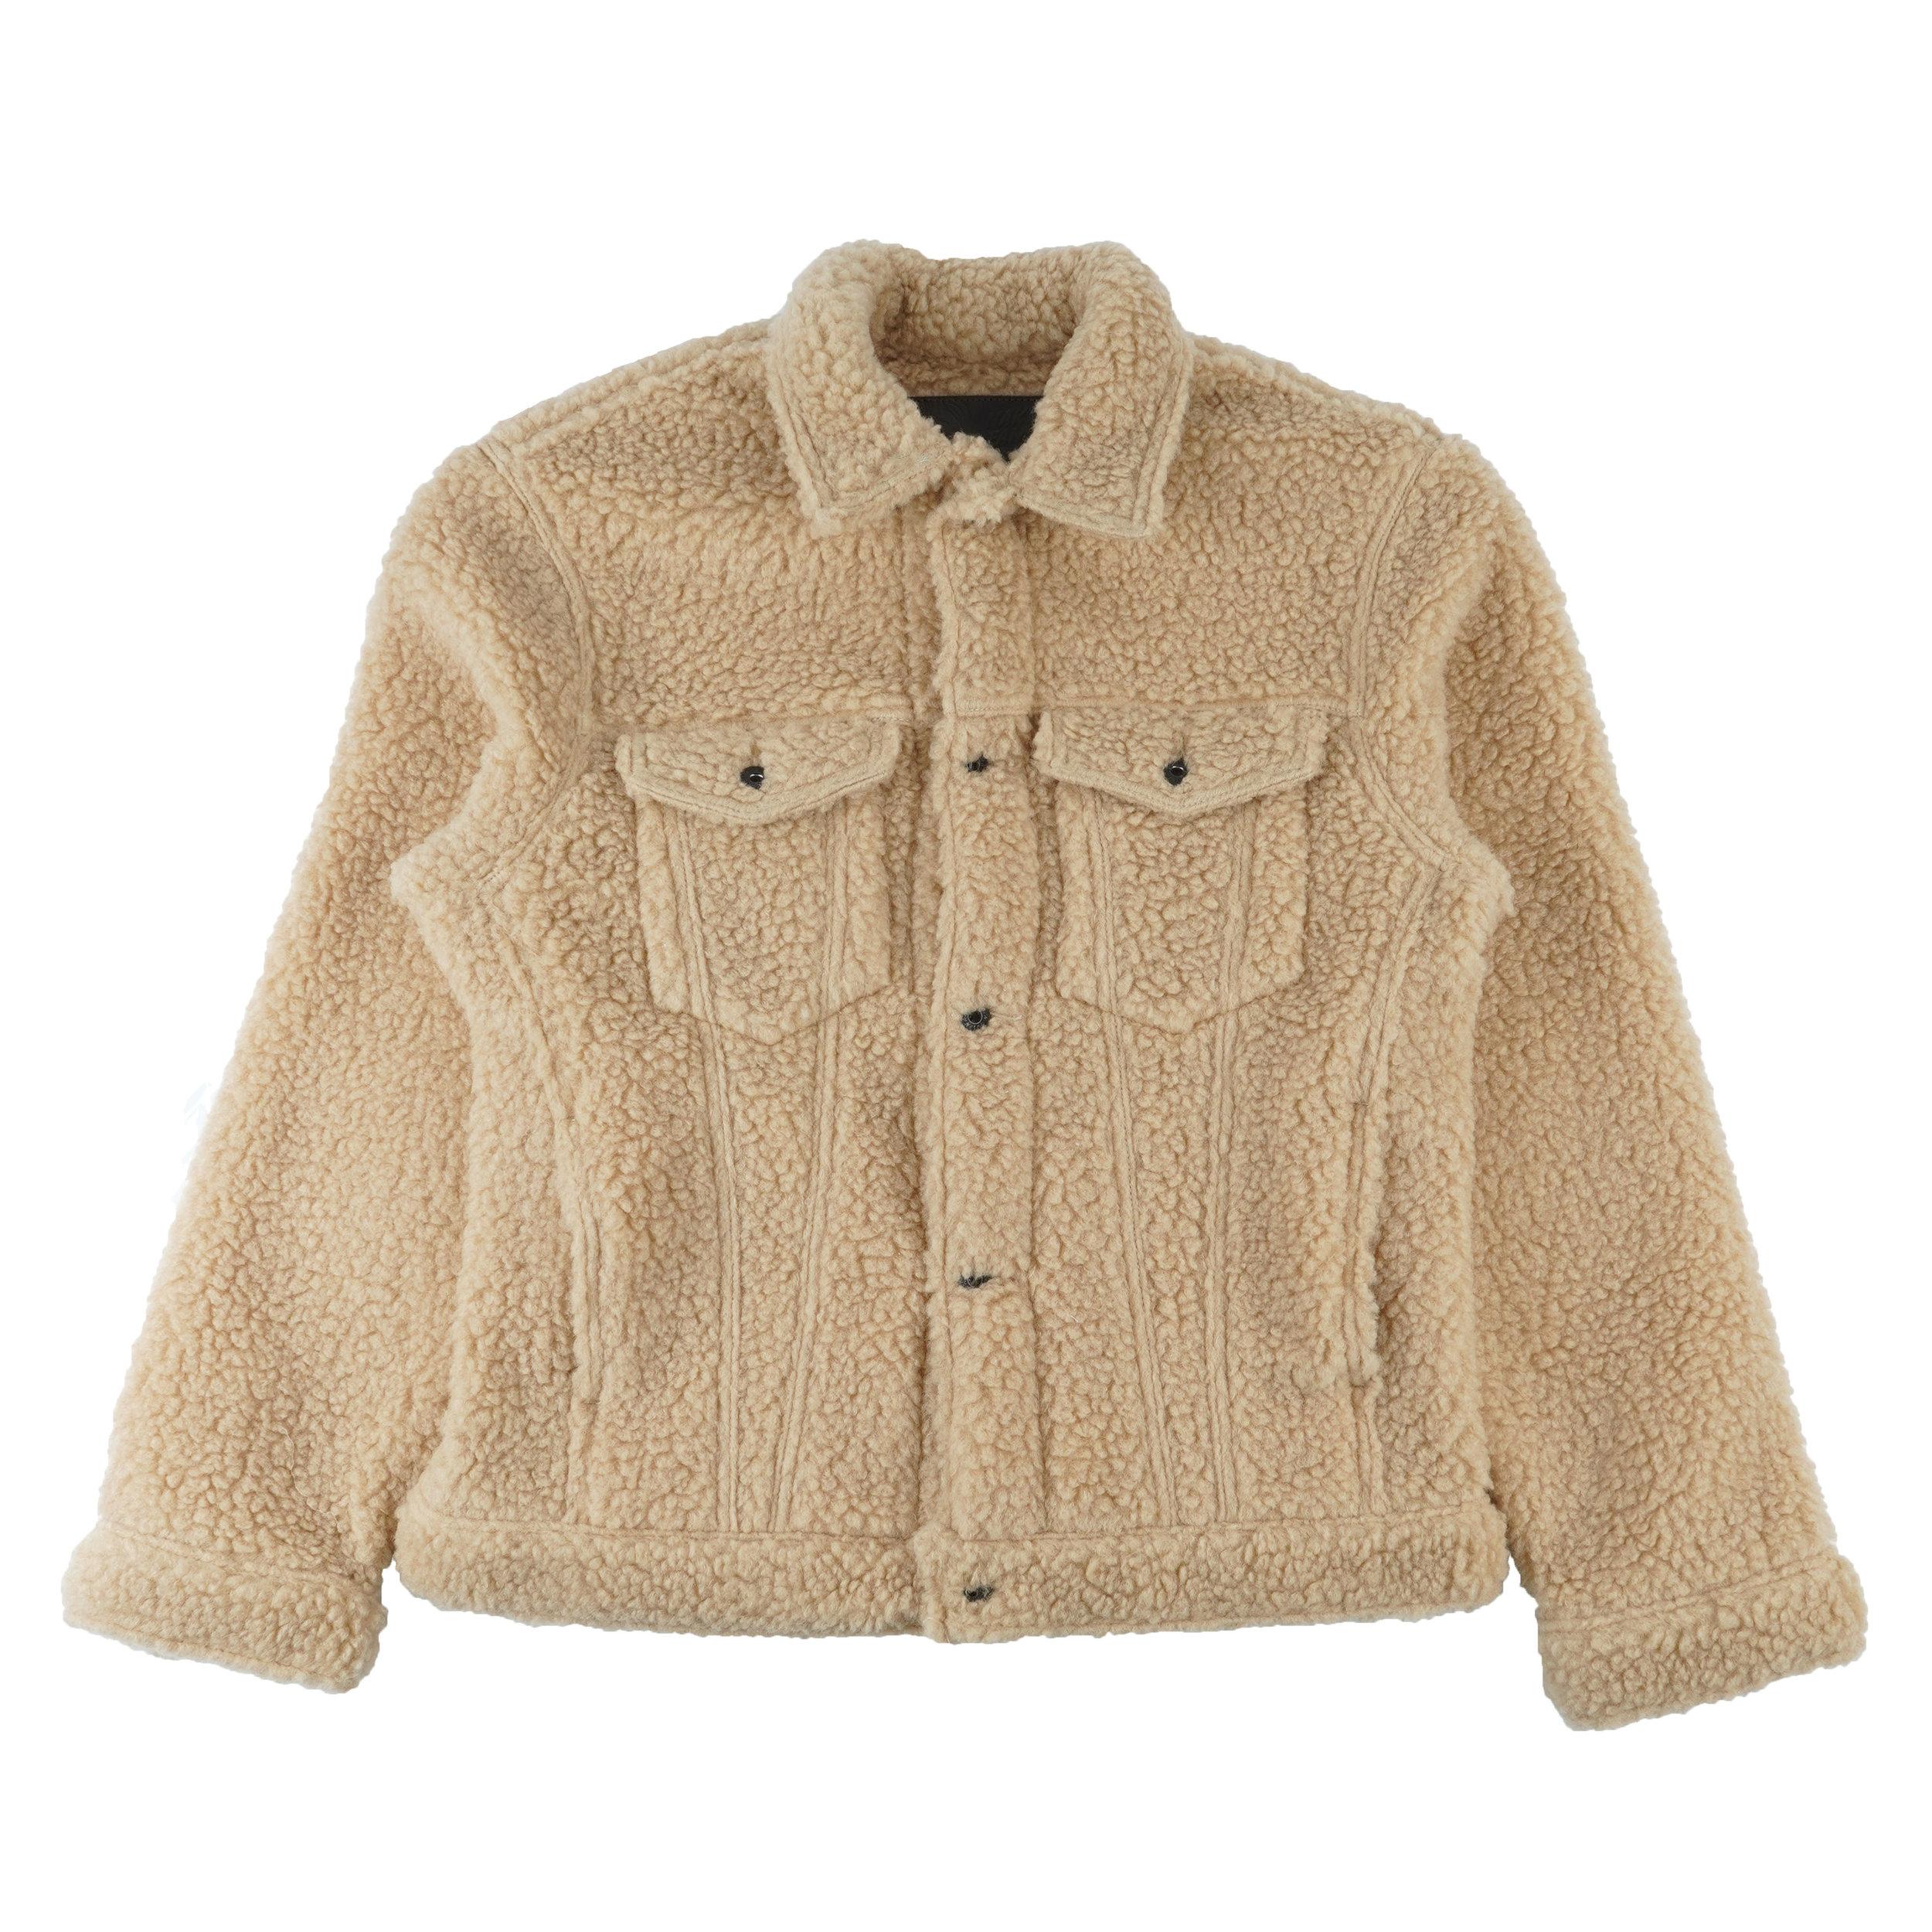 Sherpa Fleece - Coffee - Denim Jacket